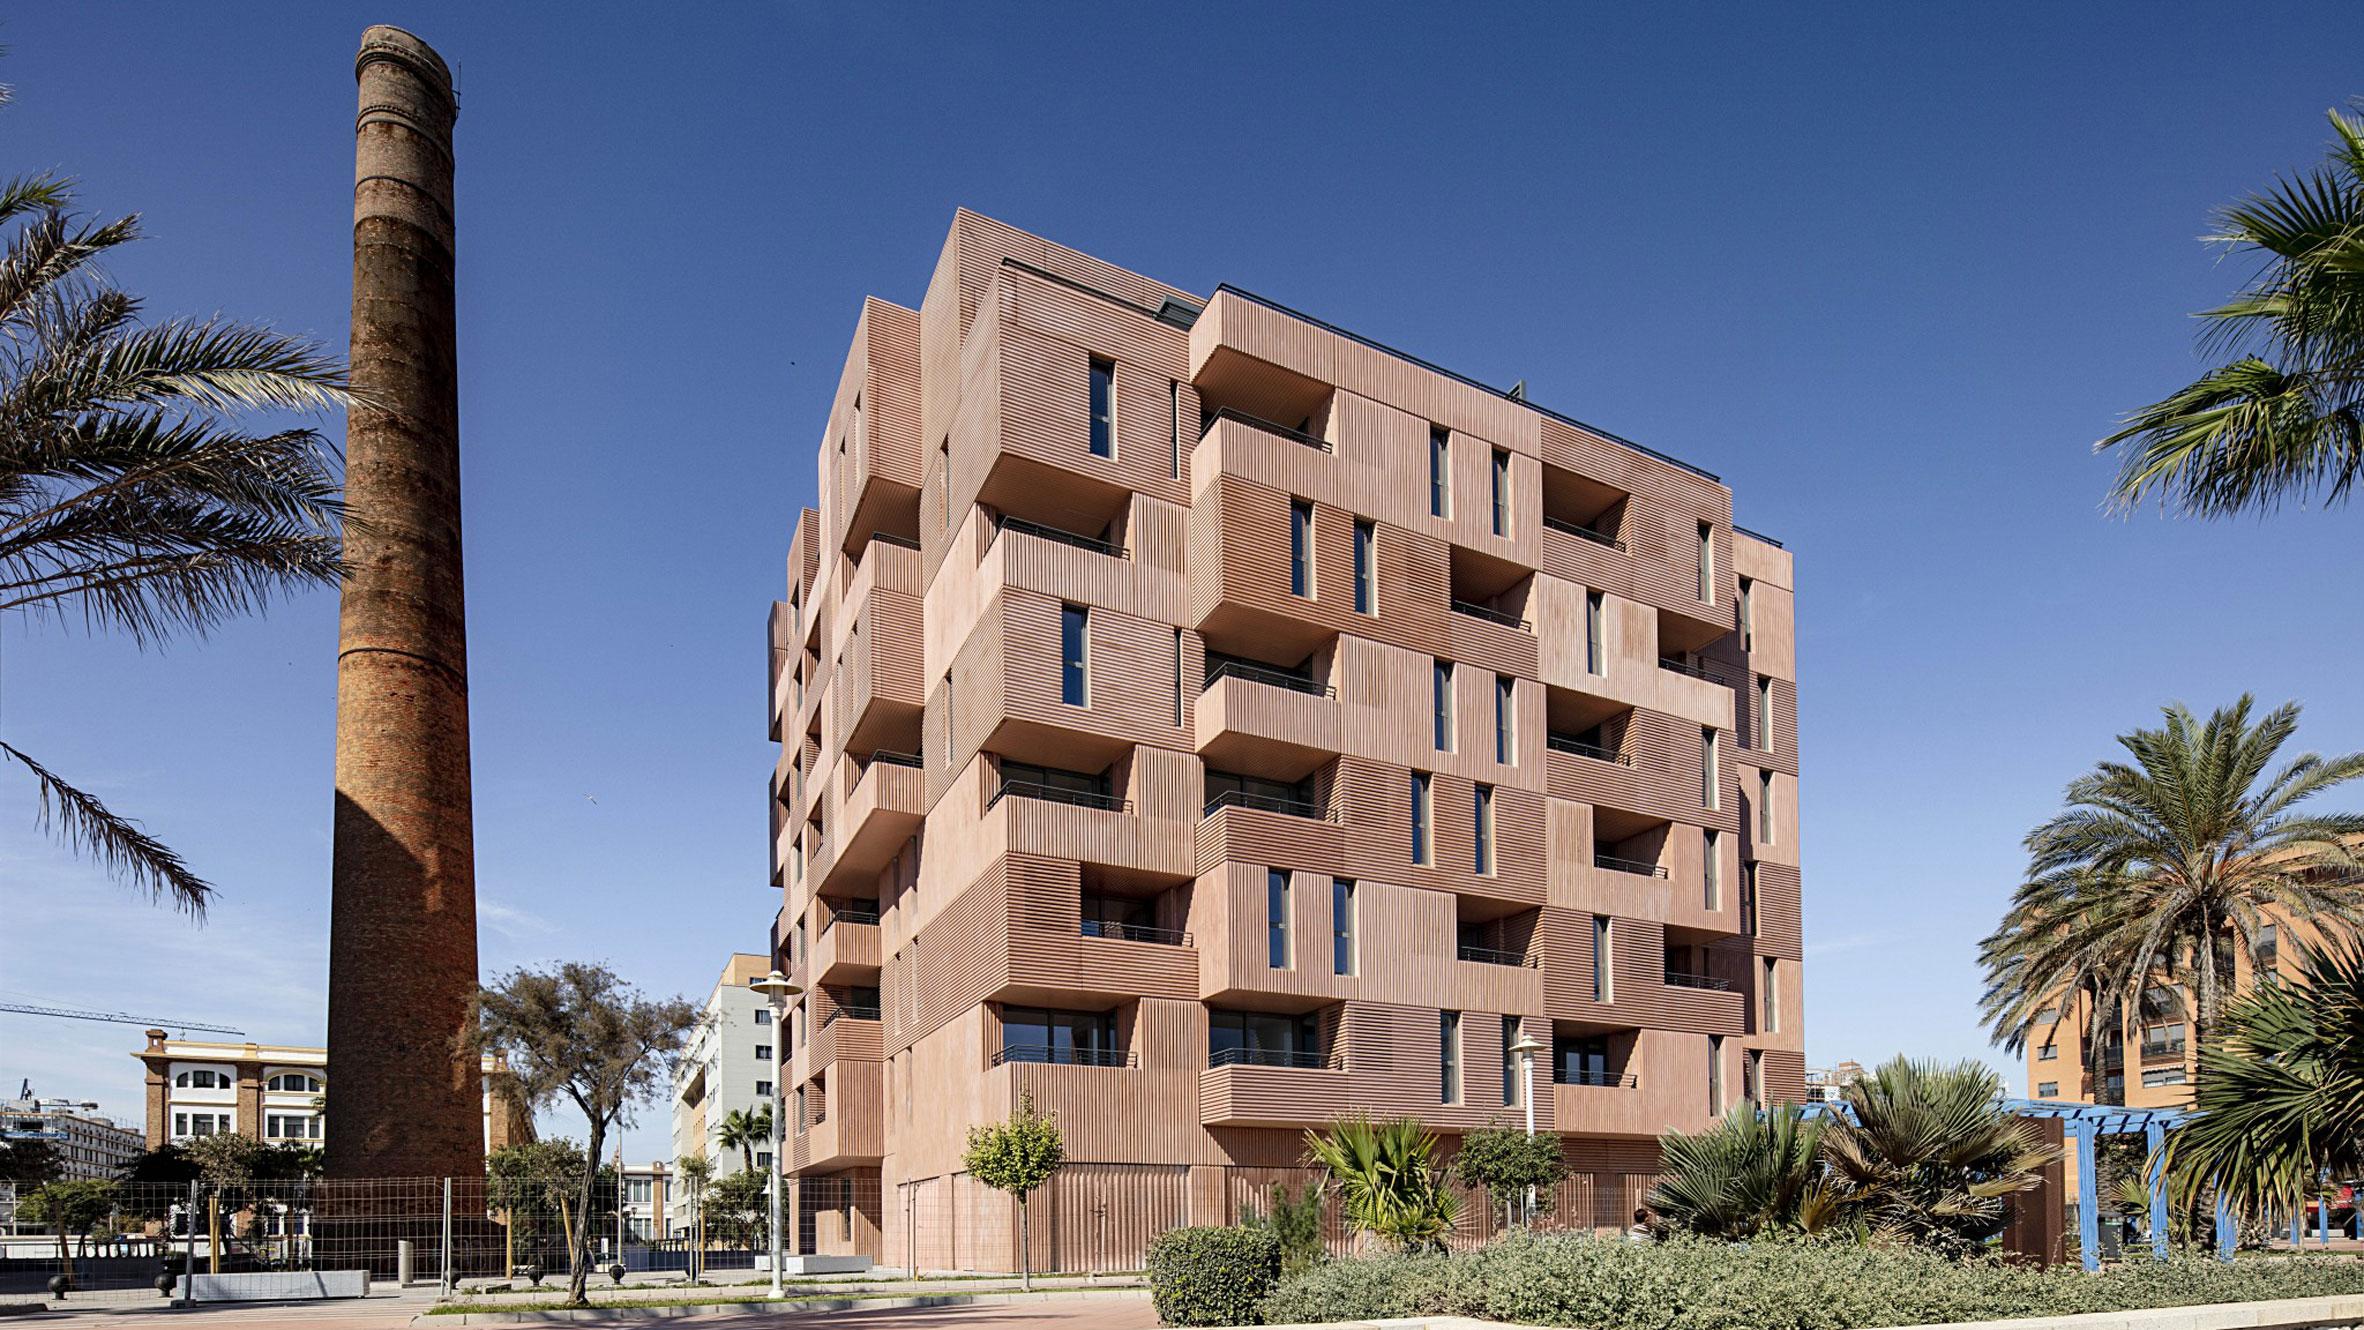 The New Brick Tectonic, Malaga, Spain, byMuñoz Miranda Architects